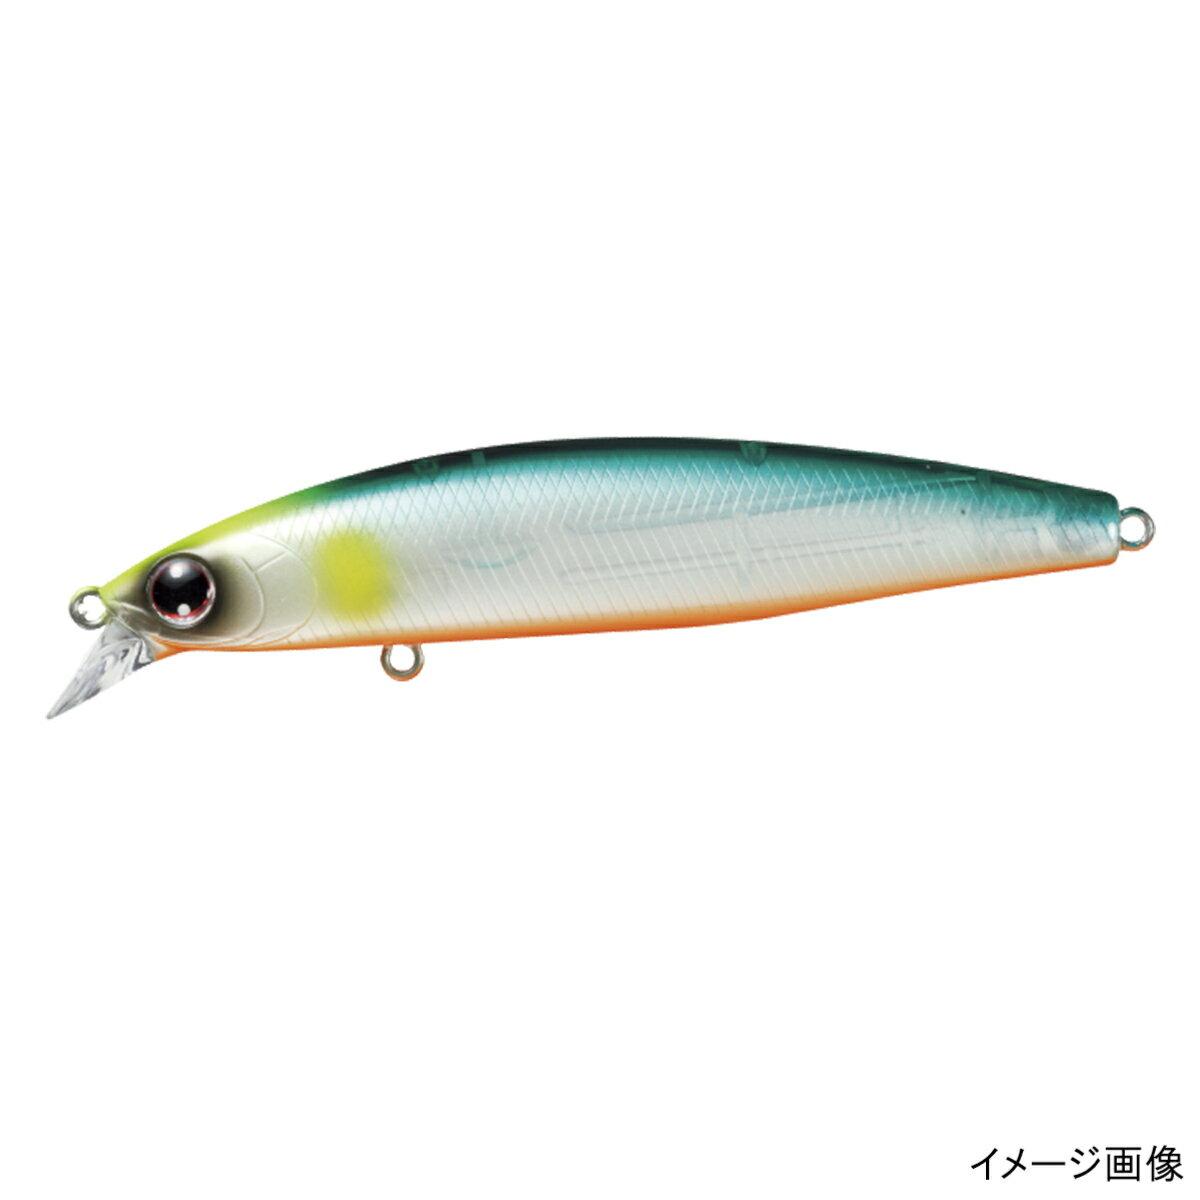 ダイワ ショアラインシャイナーZ セットアッパー 97S エメラルド鮎【ゆうパケット】